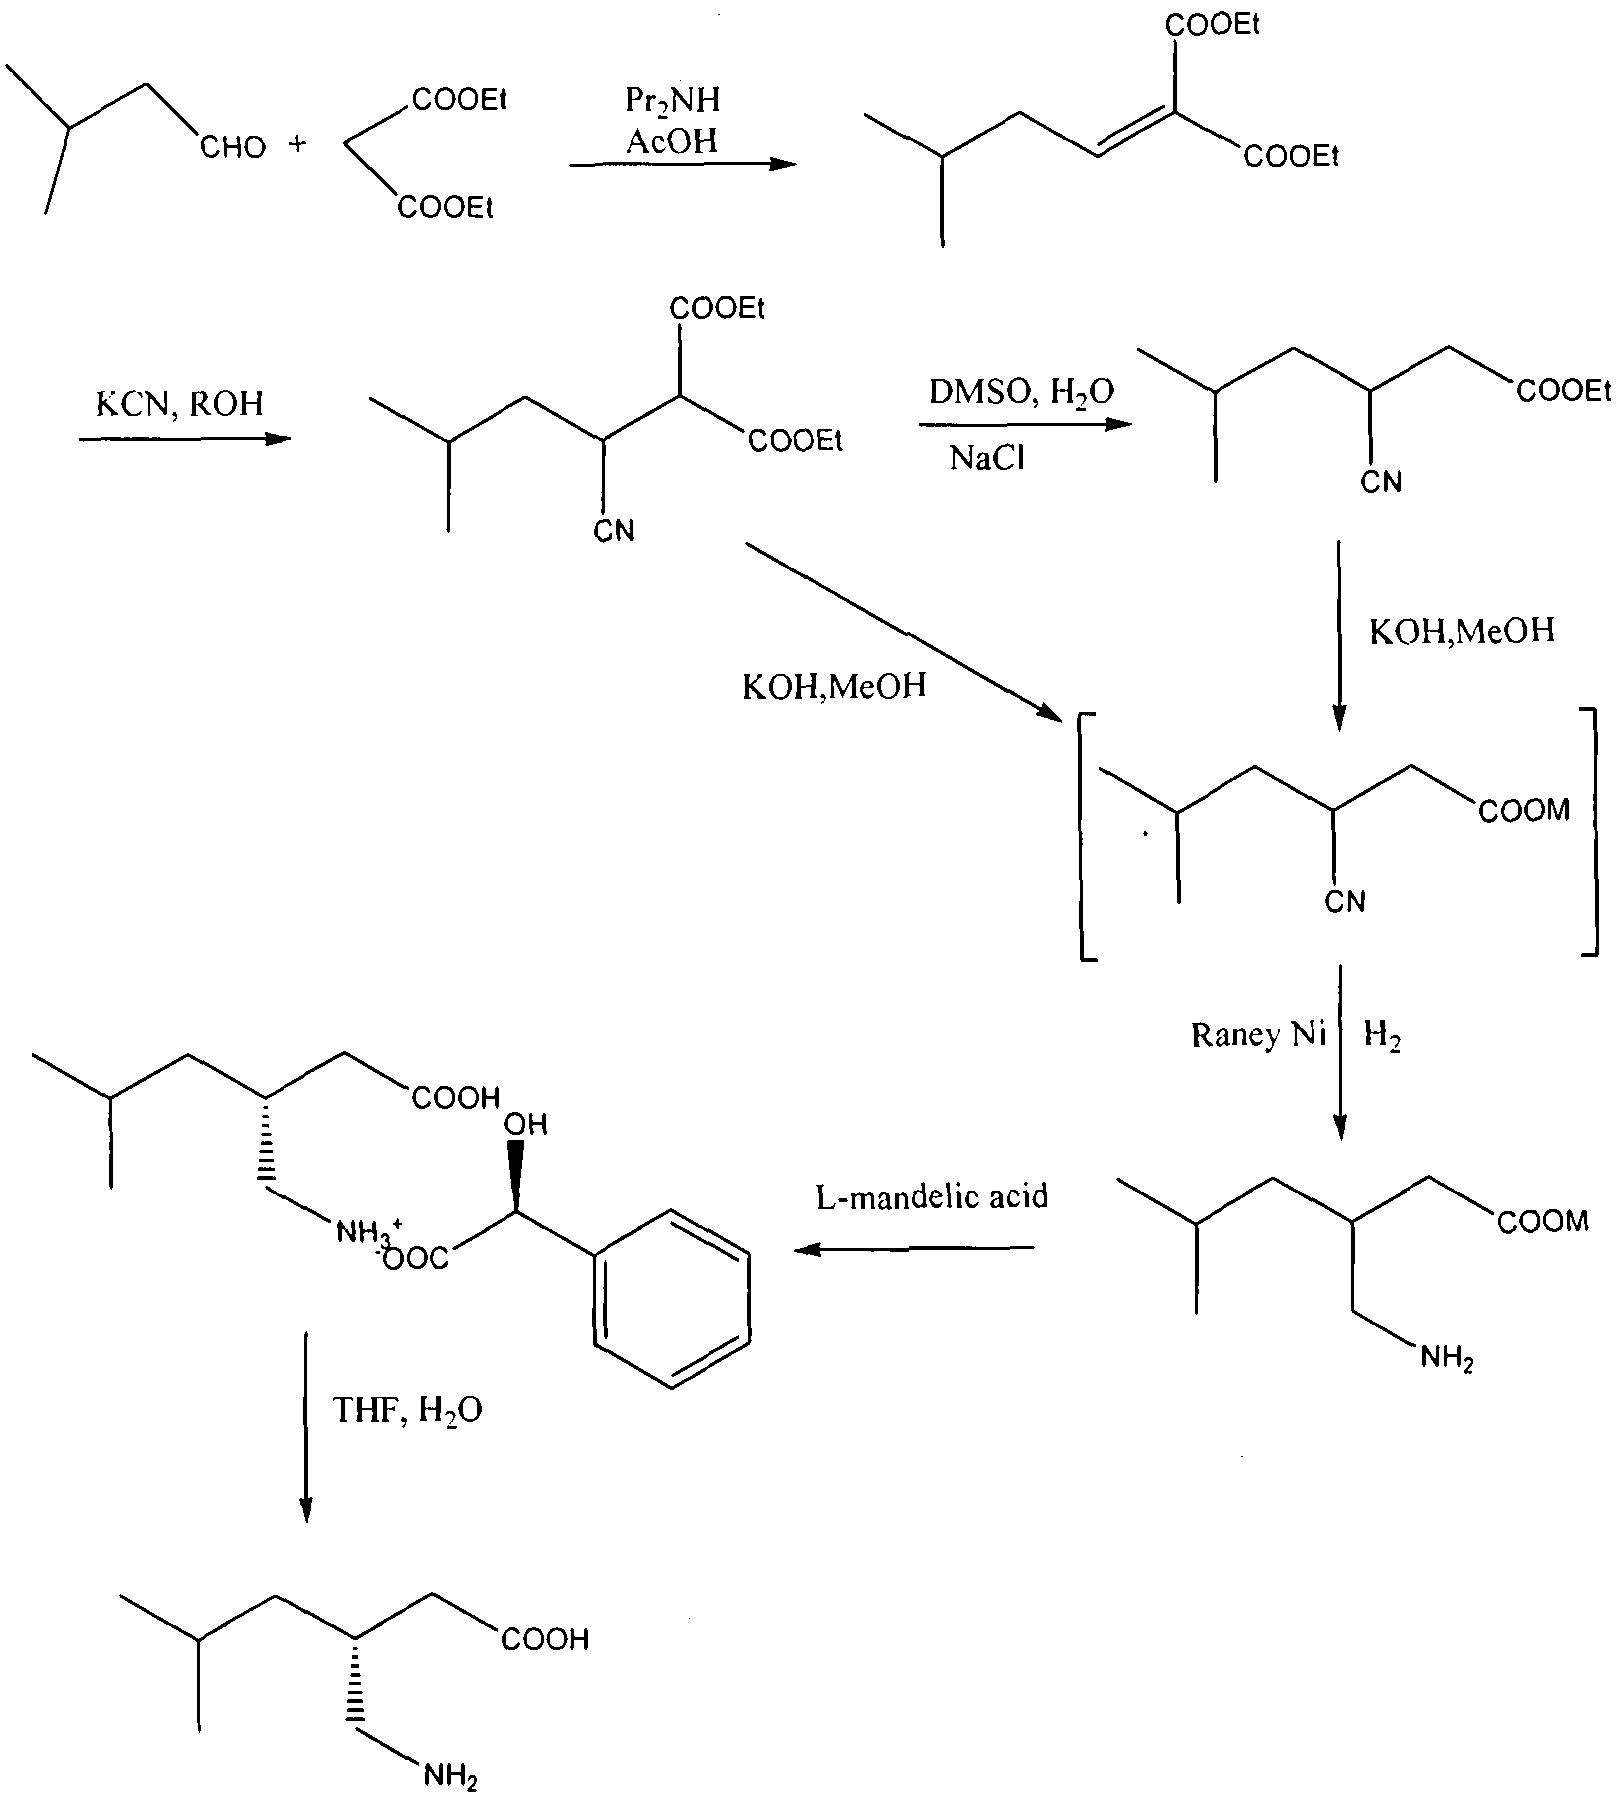 pregabalin route of synthesis